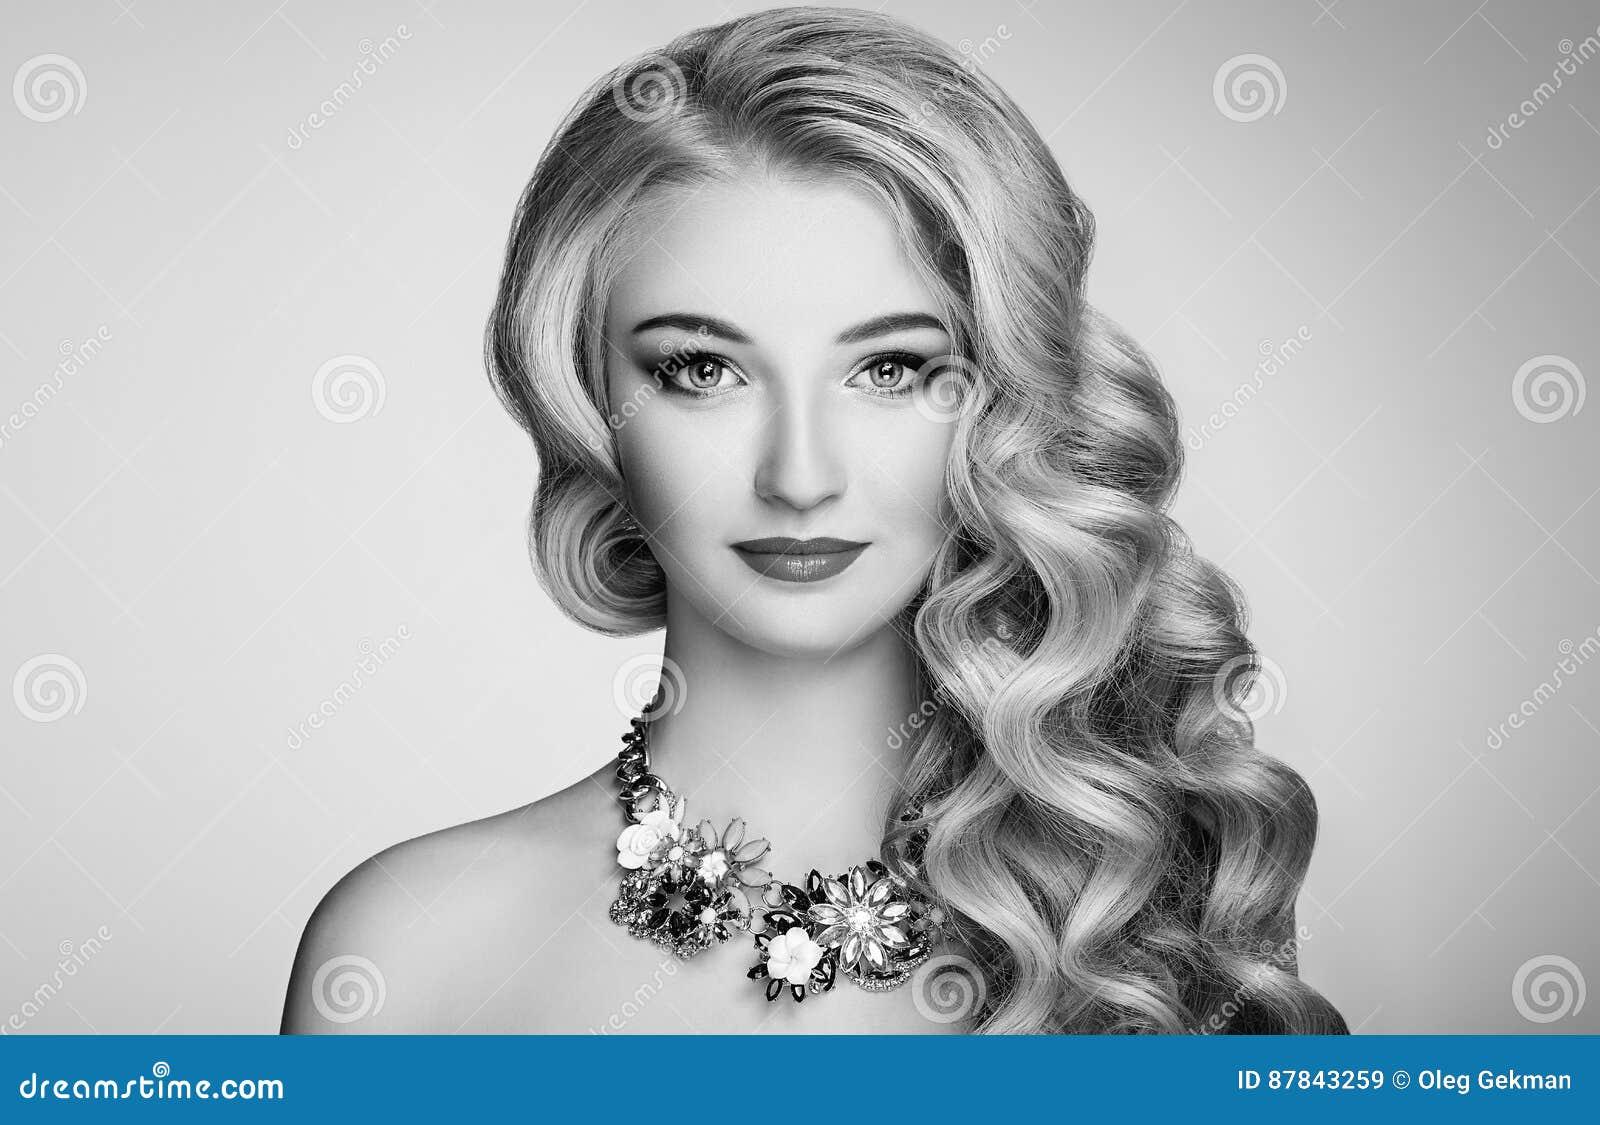 ebe88d2f7d Foto blanco y negro de la mujer hermosa con el peinado elegante Muchacha  rubia con el pelo ondulado largo Joyería y maquillaje Modelo del estilo de  la ...